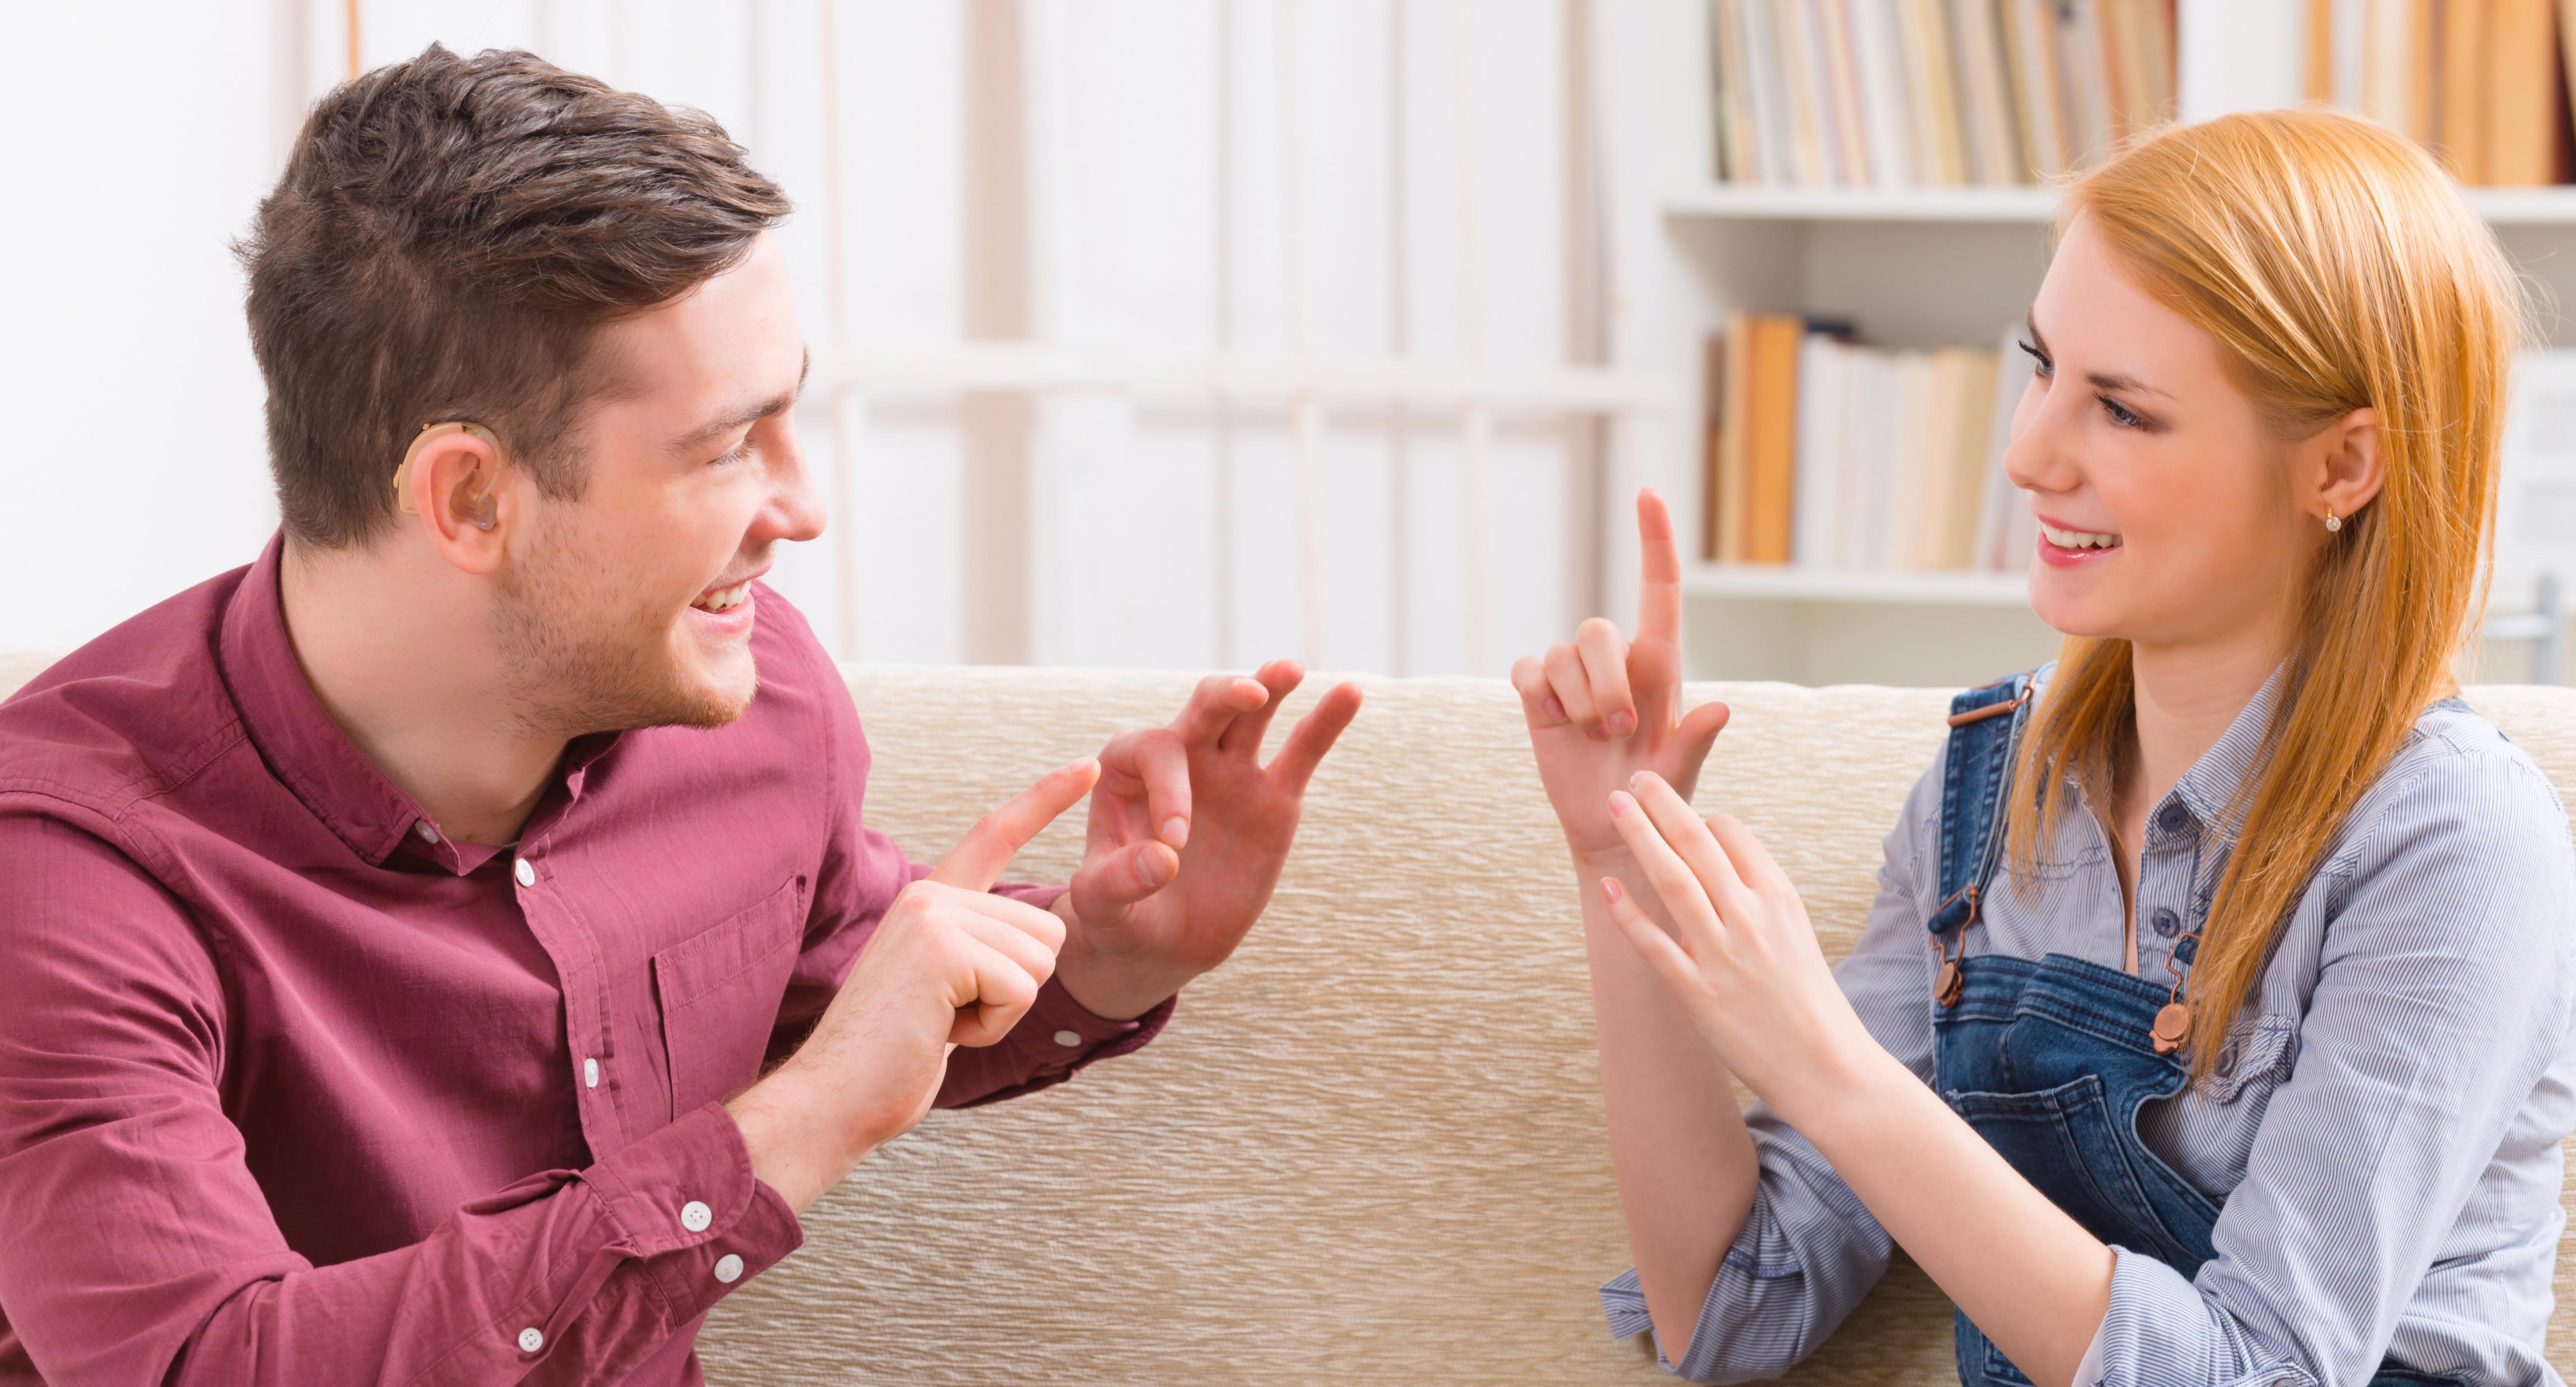 Uśmiechnięty mężczyzna i kobieta komunikują się ze sobą językiem migowym